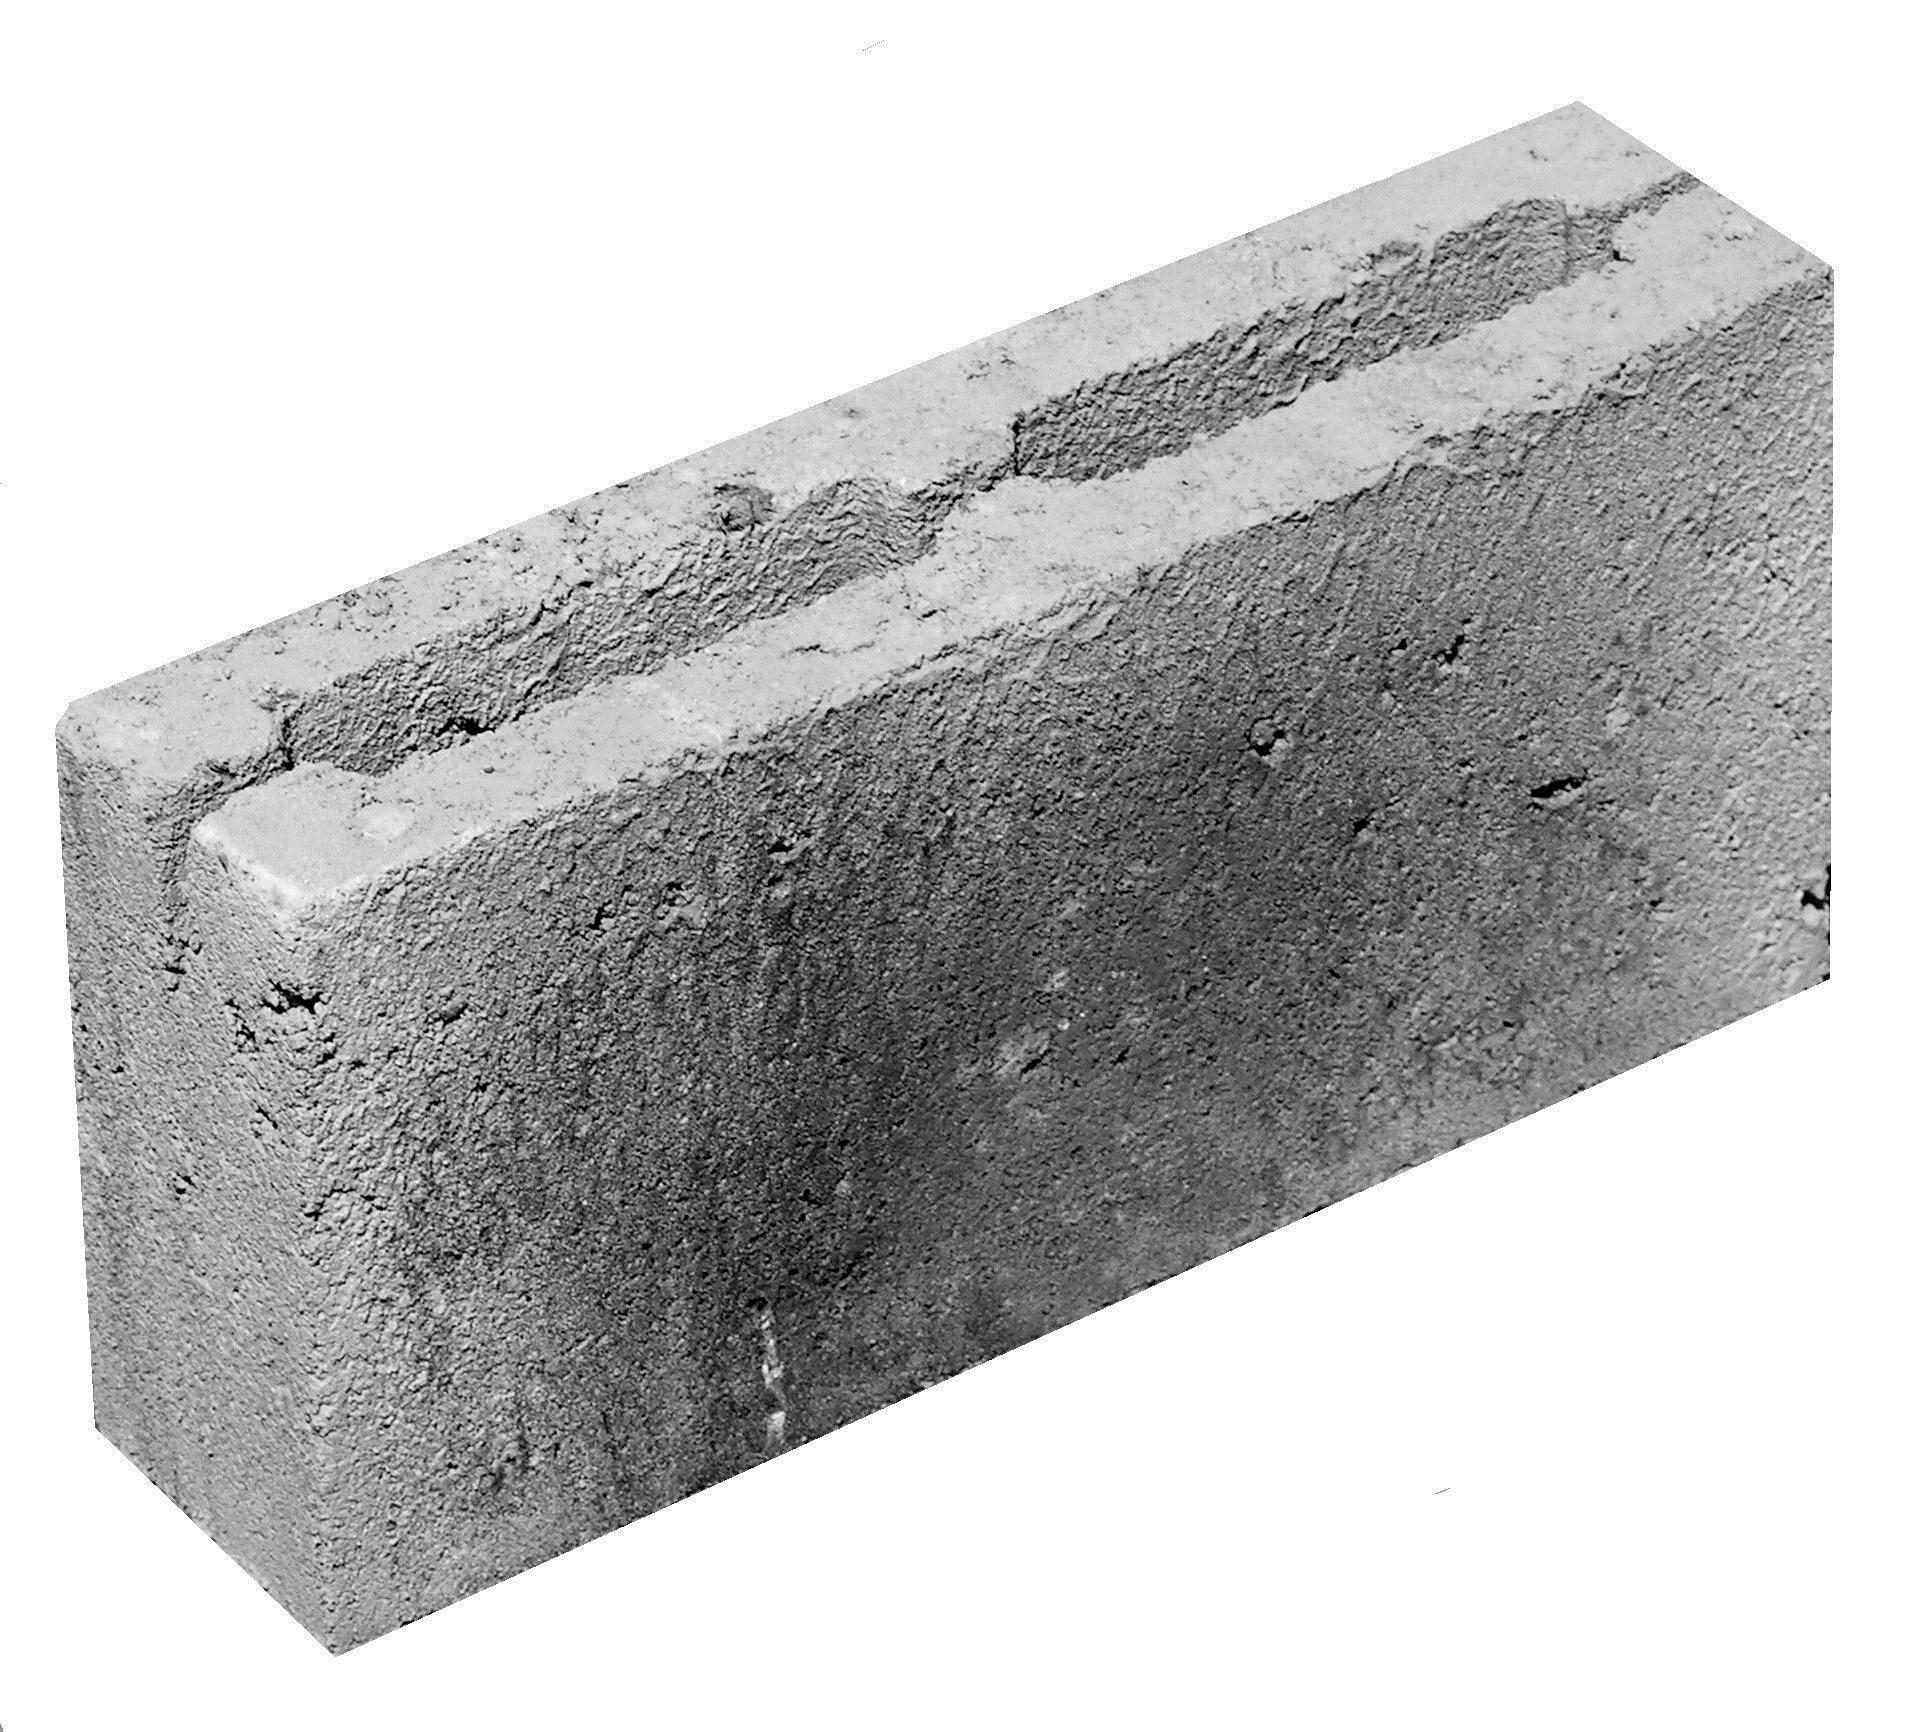 Кирпич блочный перегородочный 400x200x100 мм (120шт/уп.) - фото